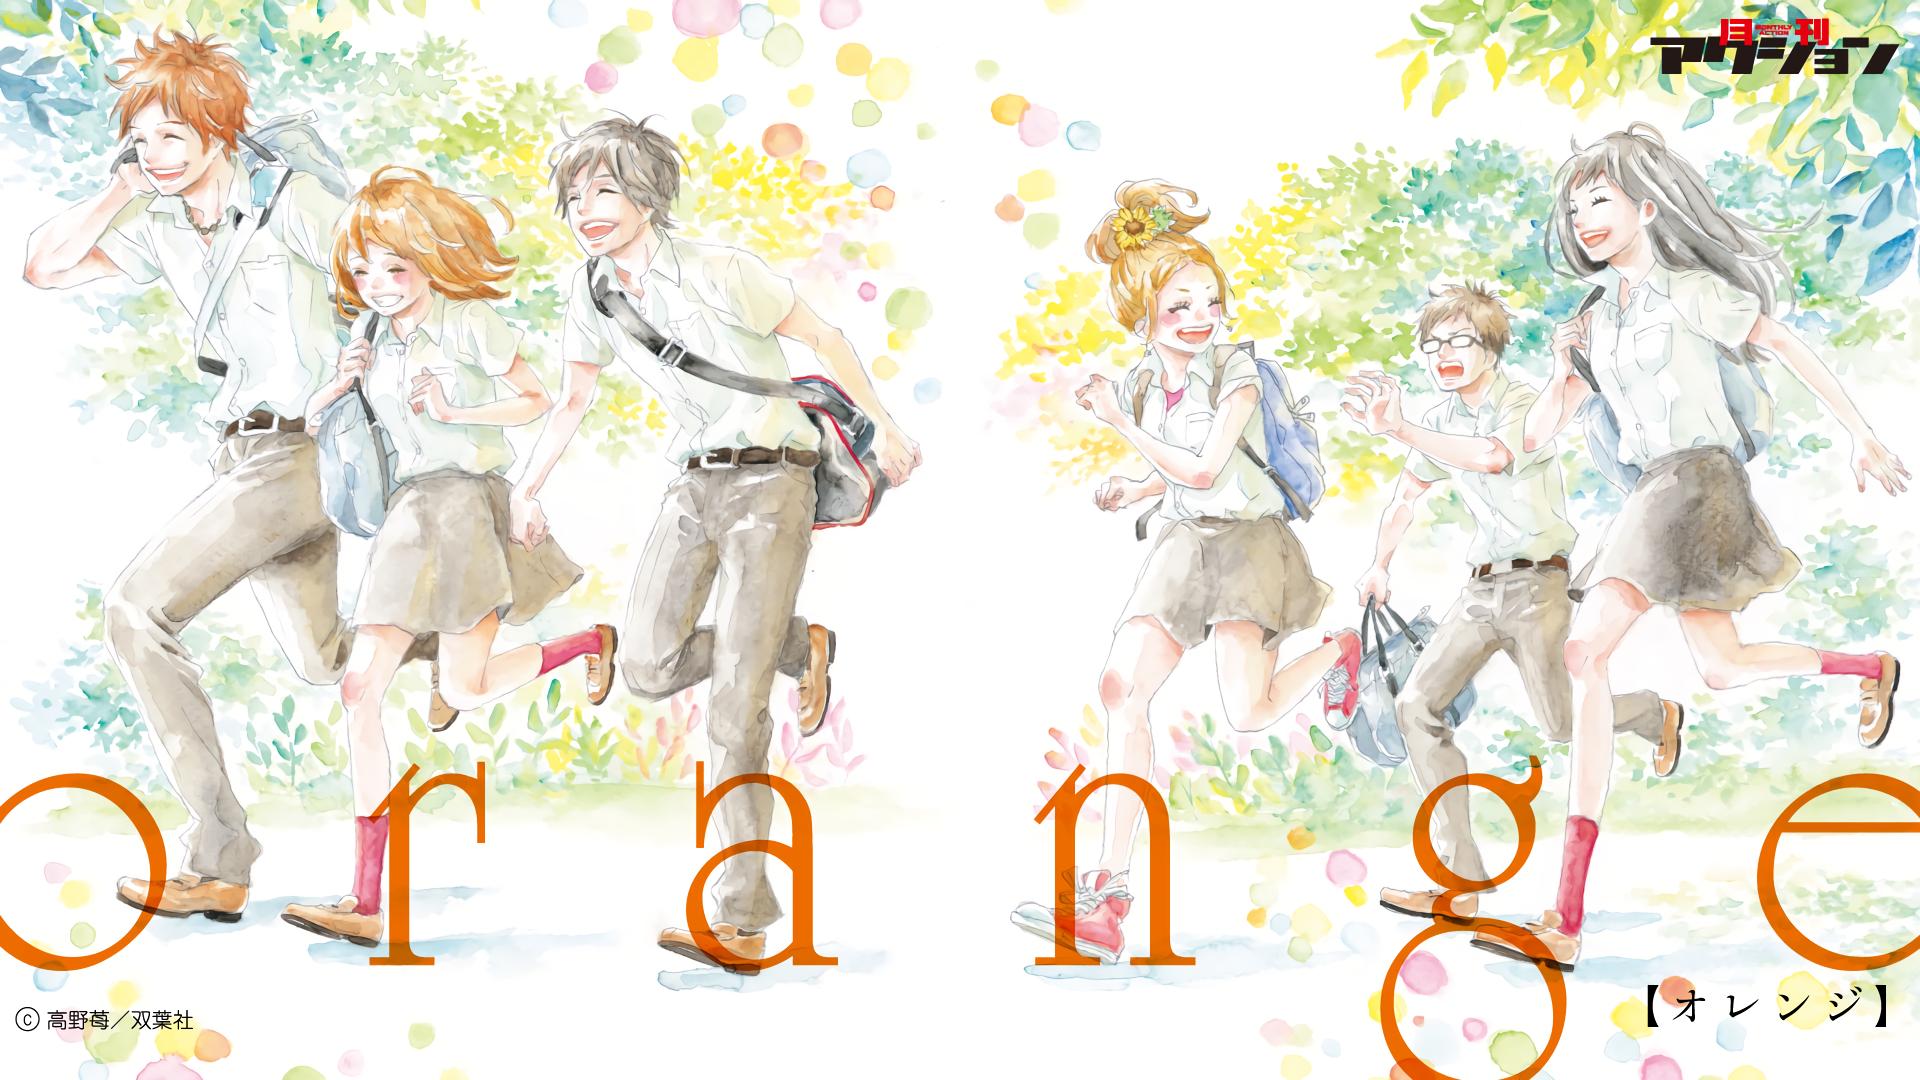 Anime Orange Azusa Murasaka Hiroto Suwa Kakeru Naruse Naho Takamiya Orange Anime Saku